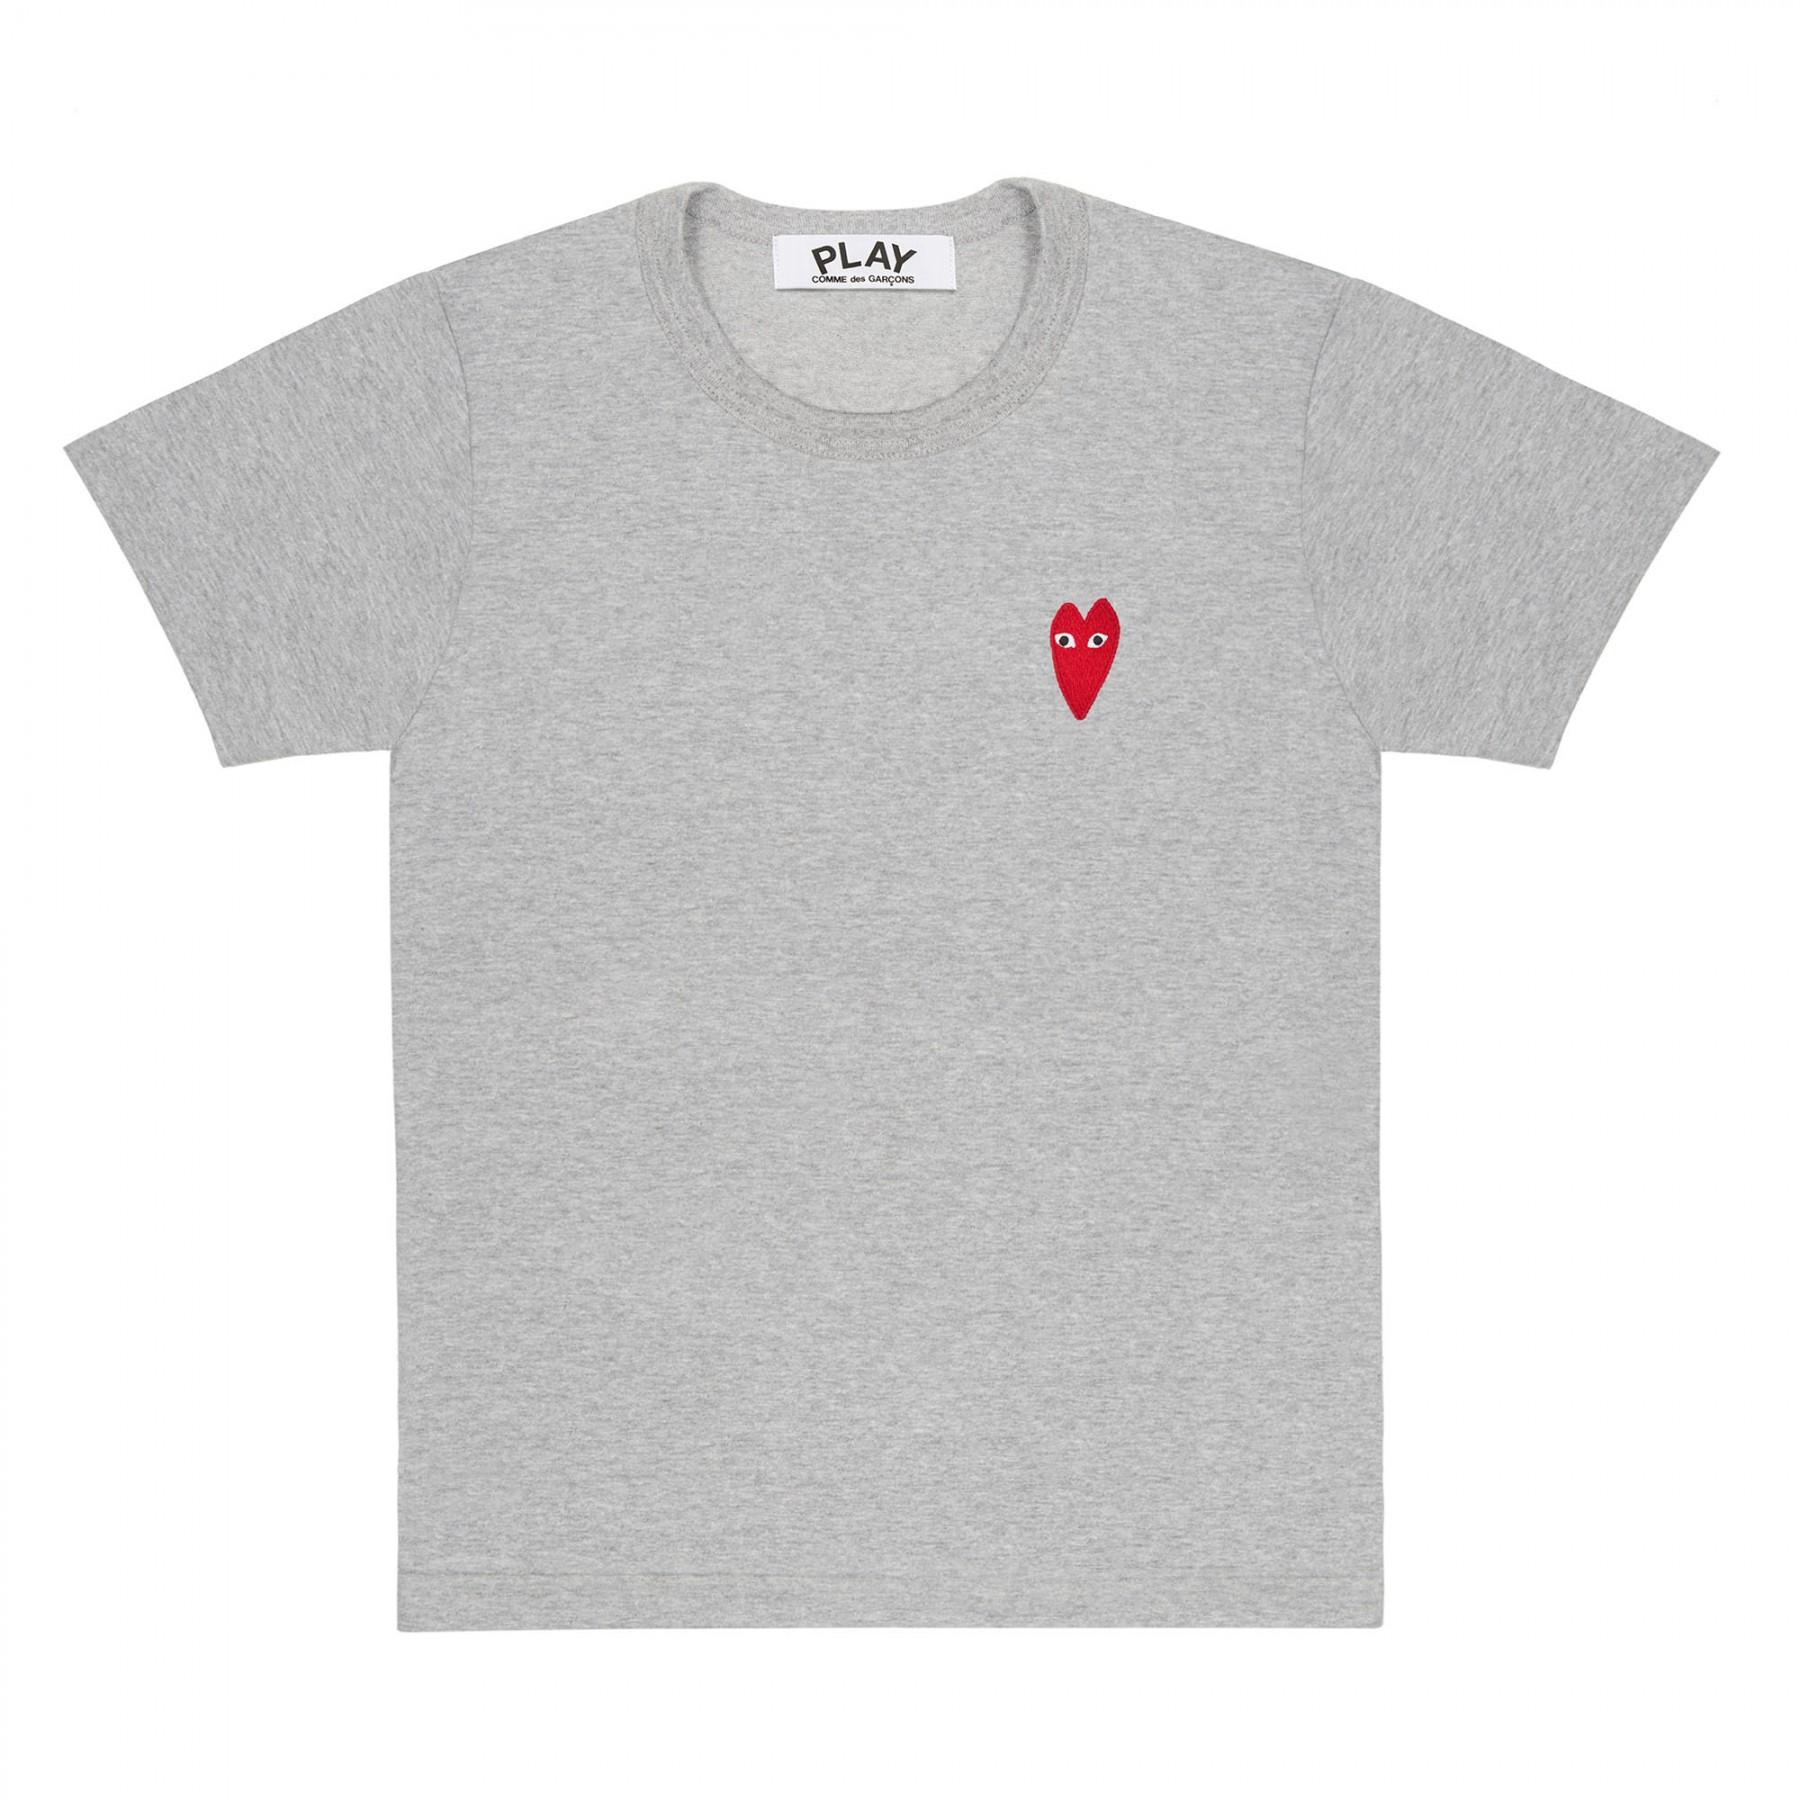 꼼데가르송 PLAY 그레이 티셔츠 원포인트 롱 레드하트 (여성)